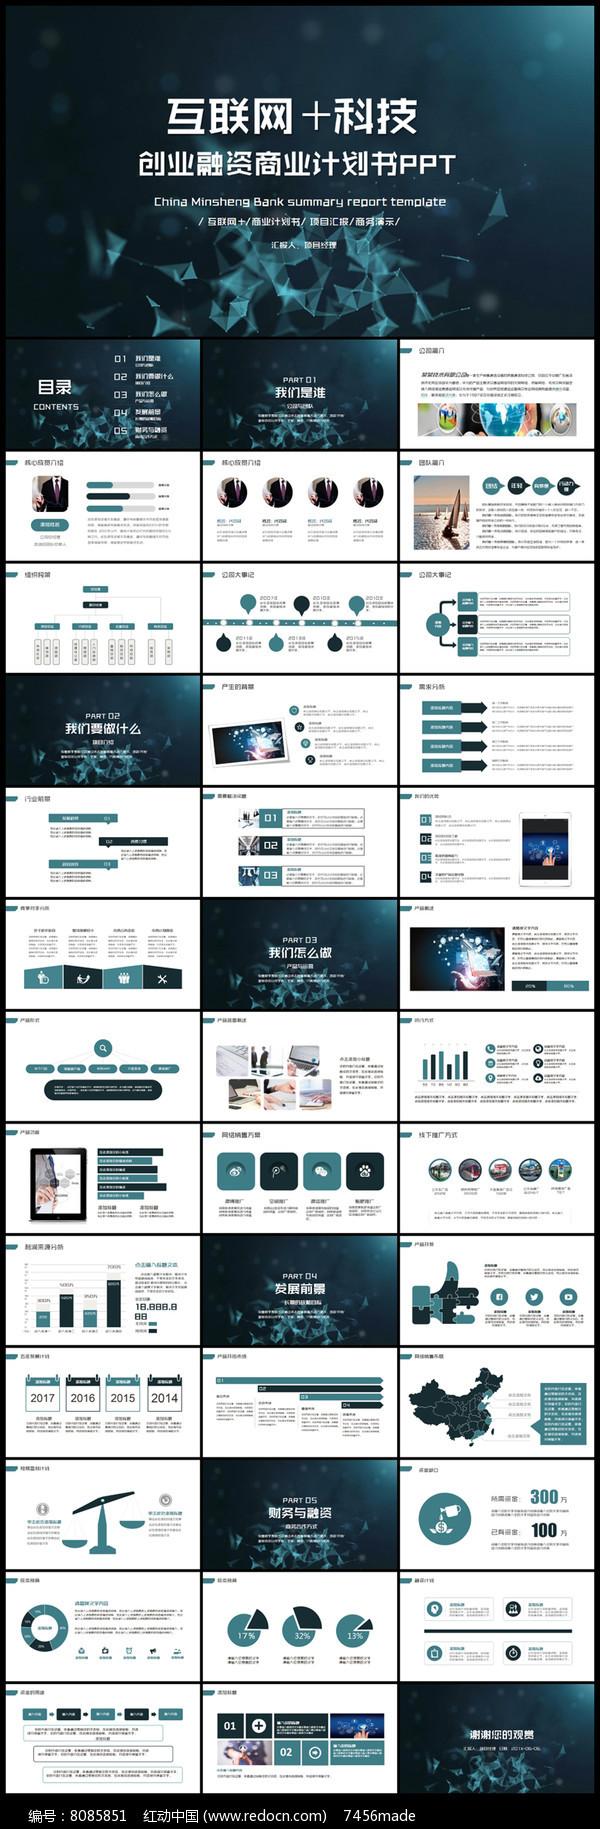 互联网+科技商业计划书创业计划PPT图片